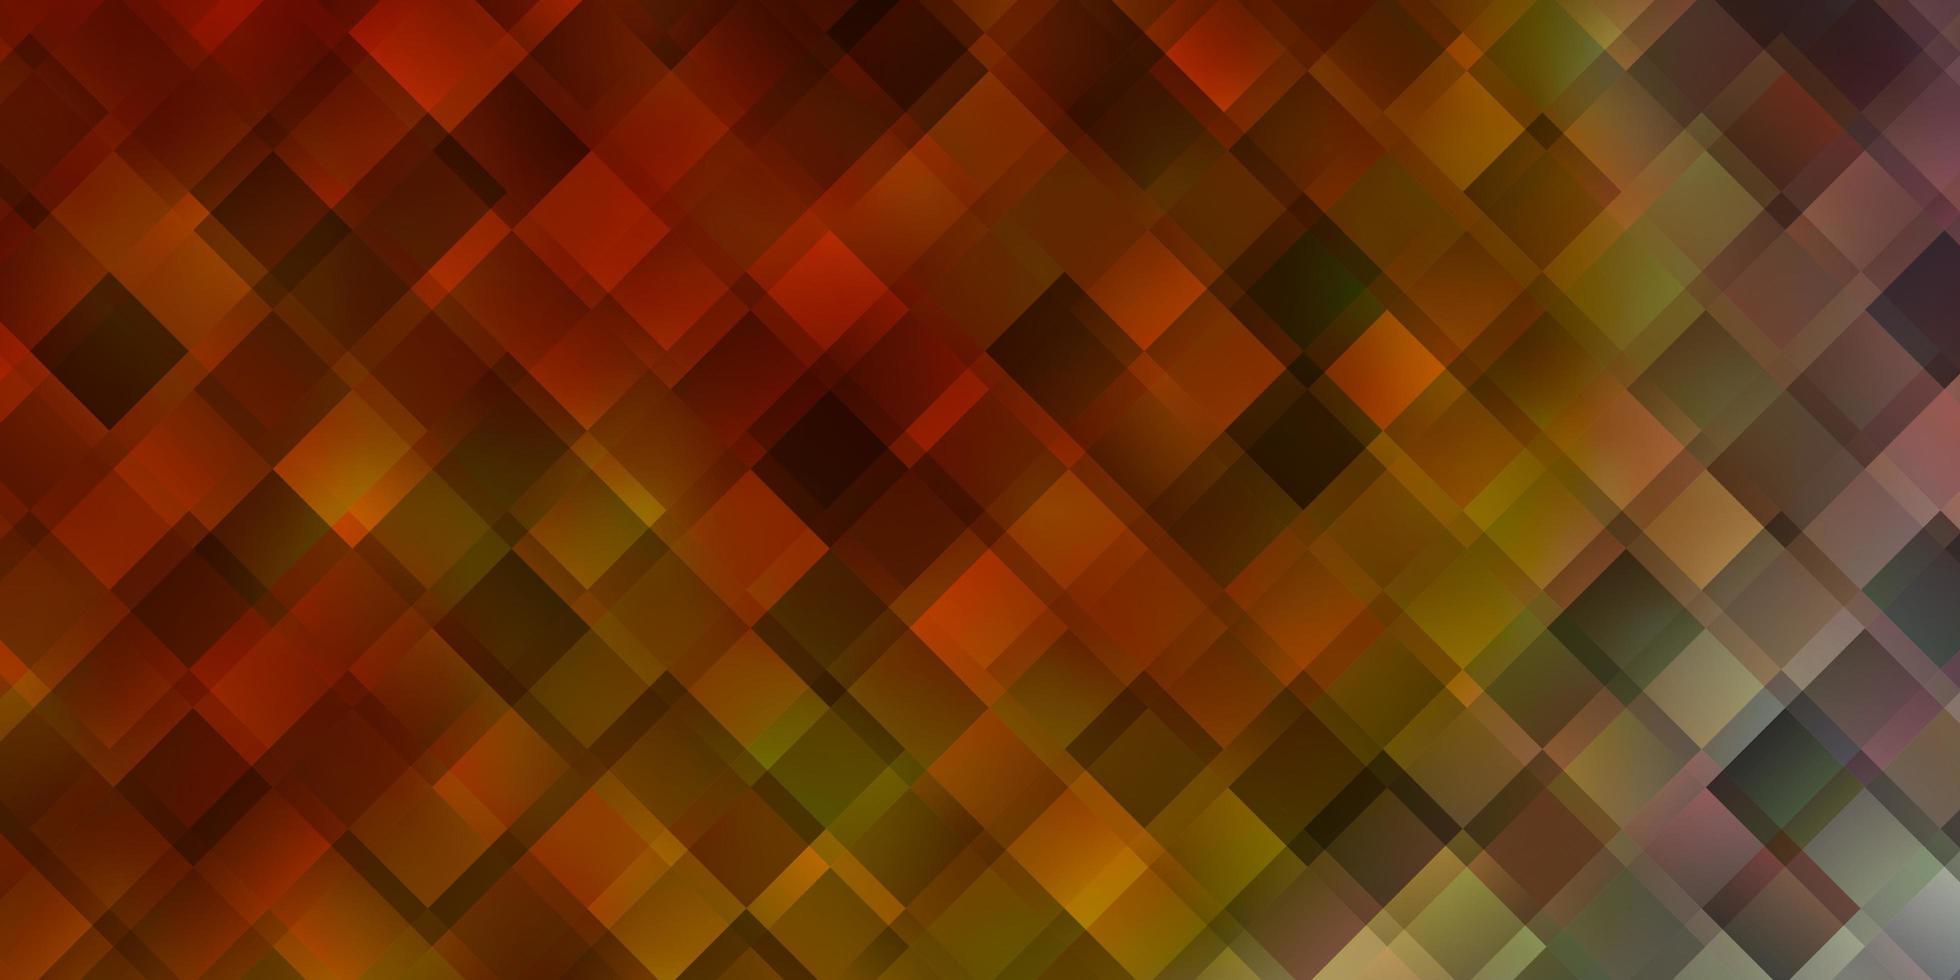 rode en gele sjabloon met rechthoeken. vector